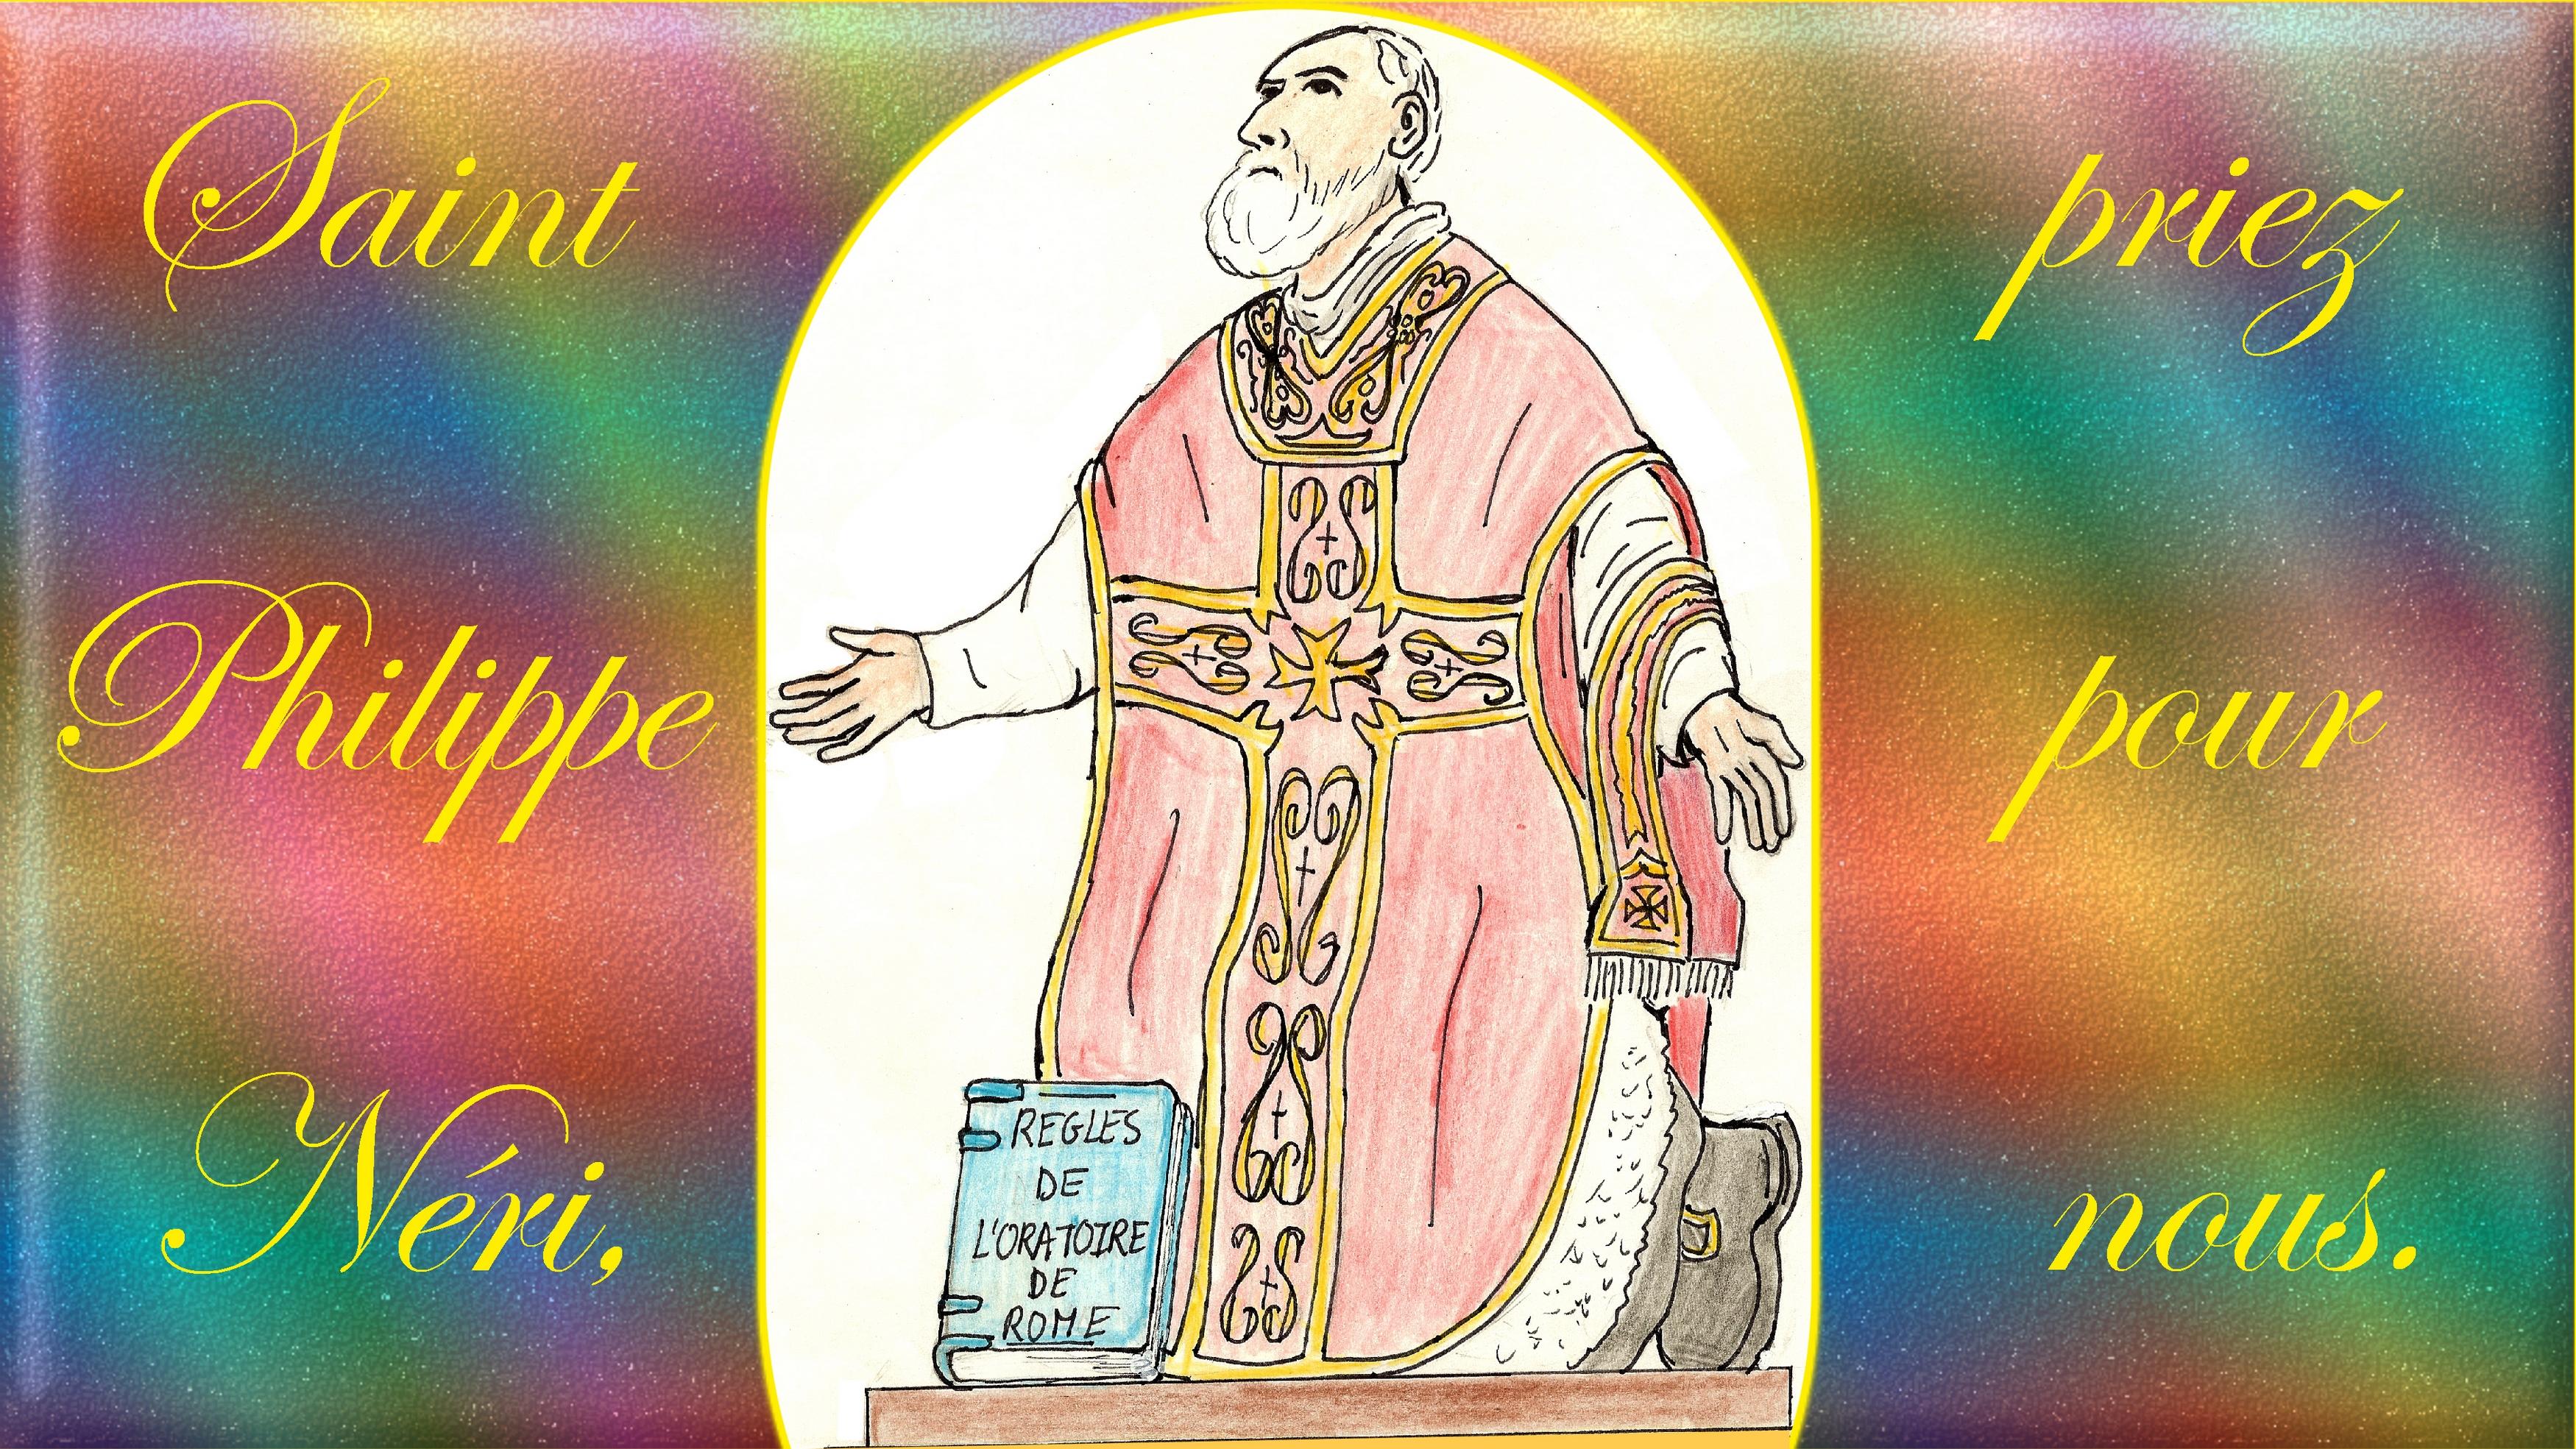 CALENDRIER CATHOLIQUE 2020 (Cantiques, Prières & Images) - Page 15 St-philippe-n-ri-5769e5a